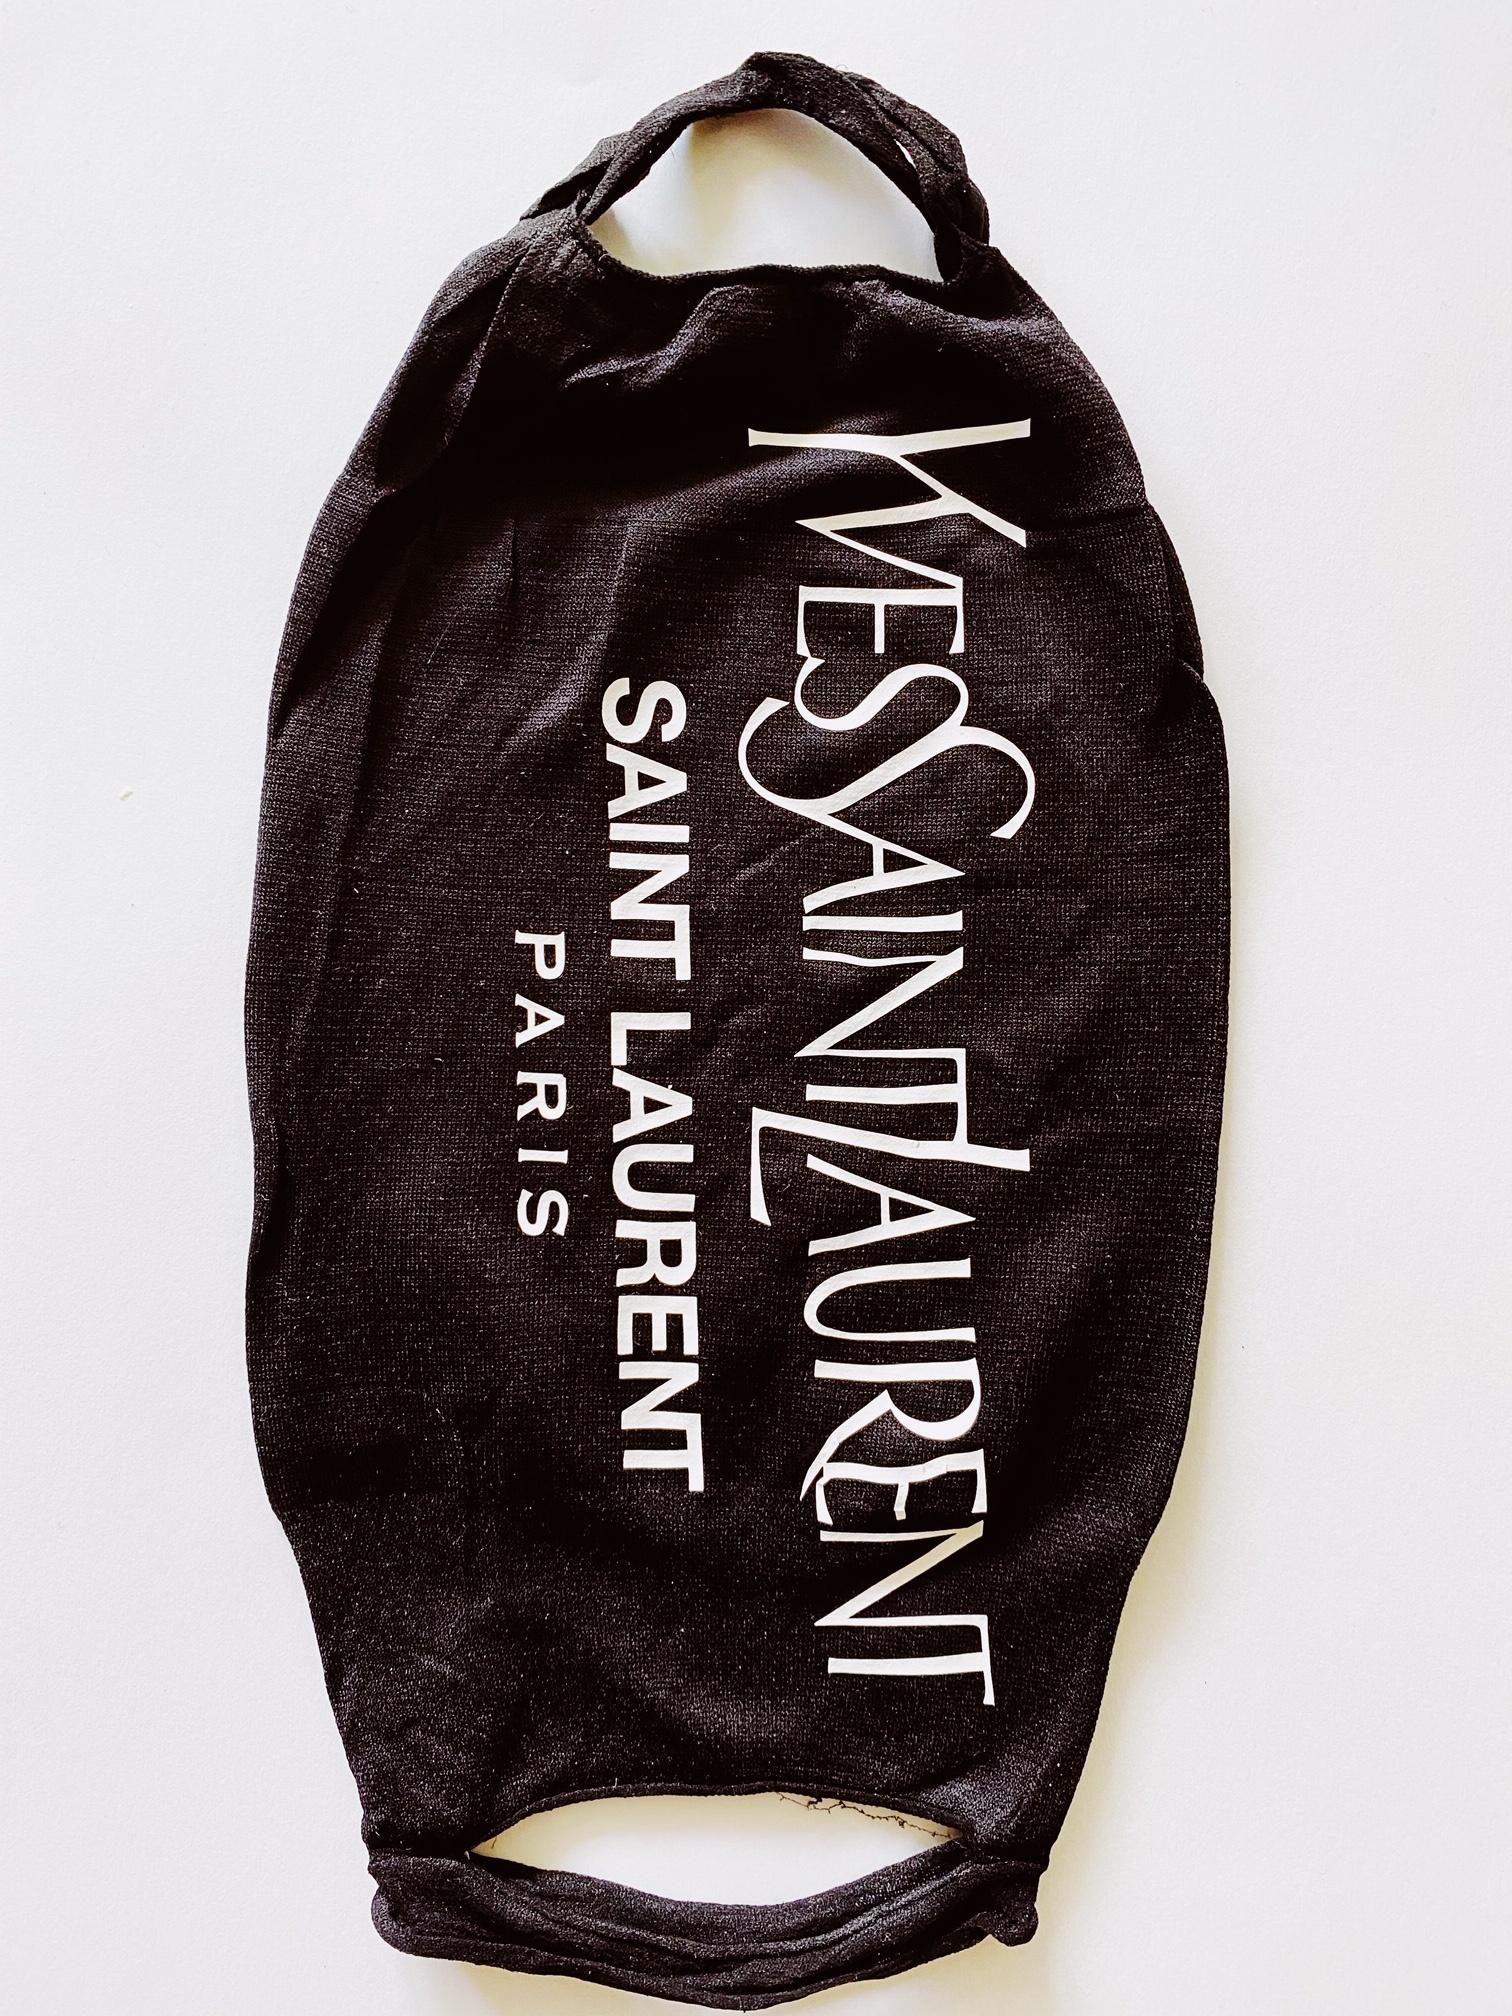 Gezichts masker aan 2 kanten een print! zwart